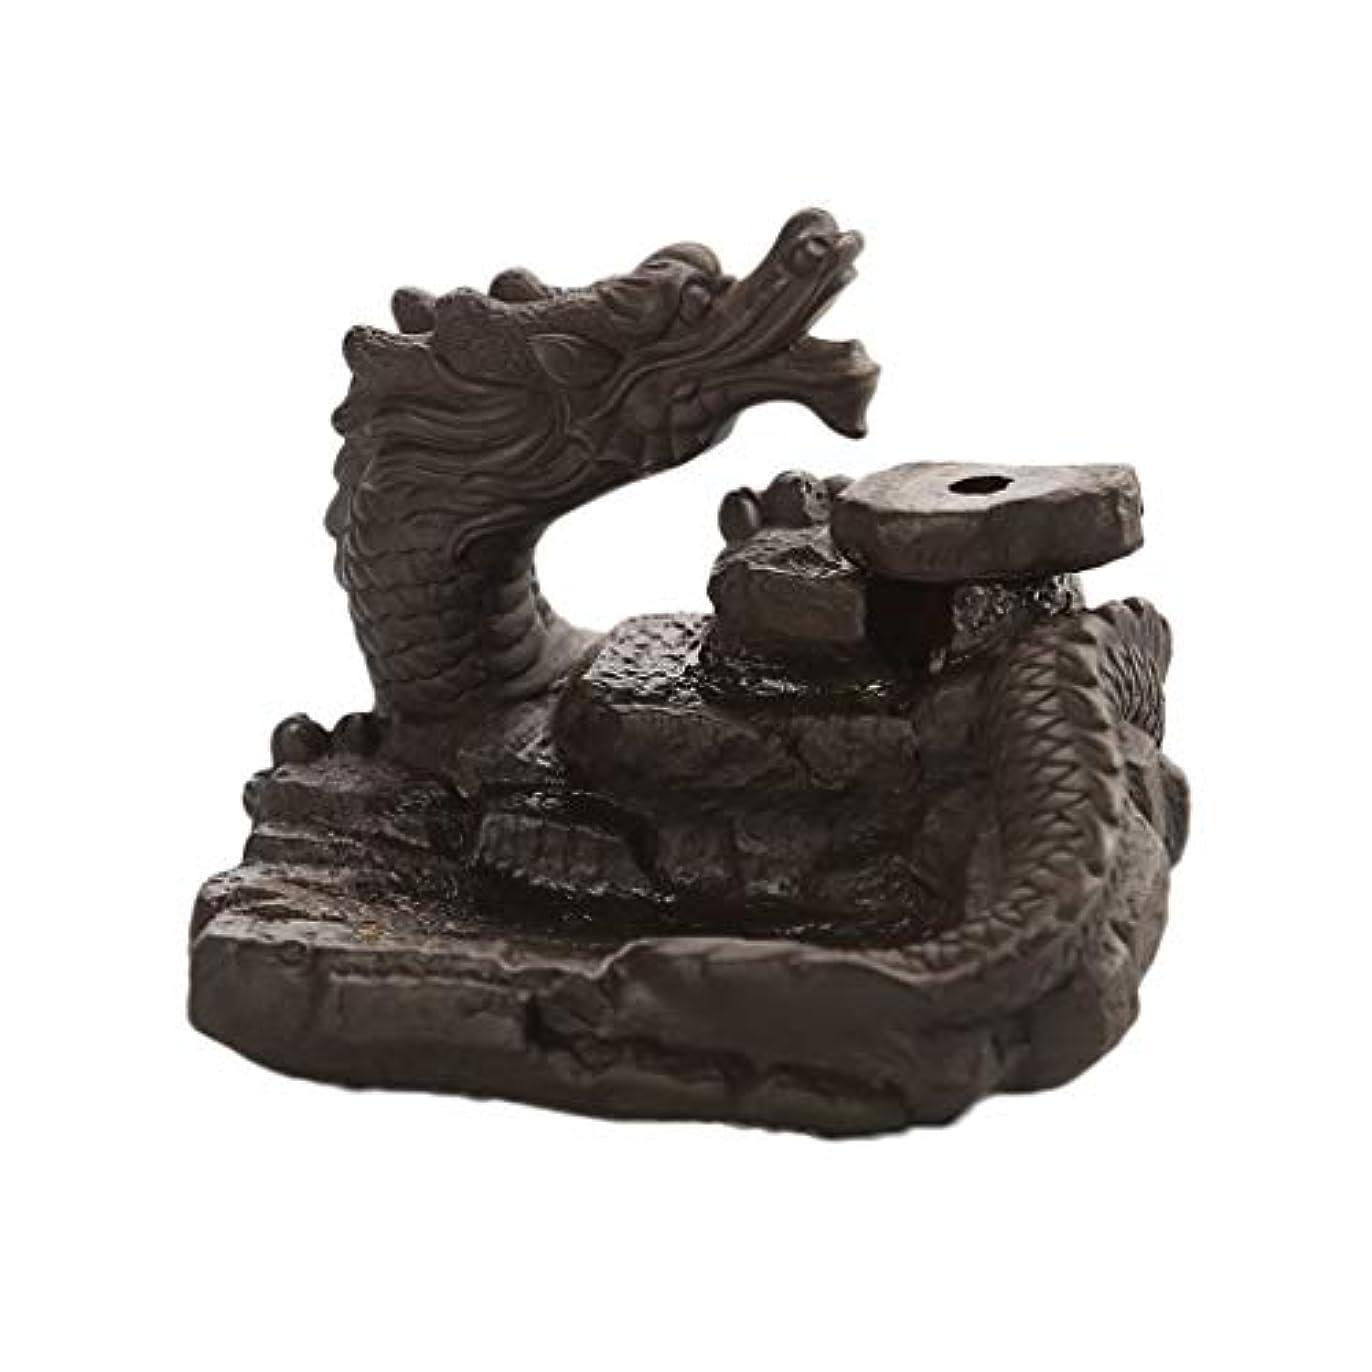 褒賞ジャーナル準備した芳香器?アロマバーナー ドラゴンの逆流の香炉の陶磁器のホールダーの黒ドラゴンの逆流の香炉の香炉の陶磁器のホールダー 芳香器?アロマバーナー